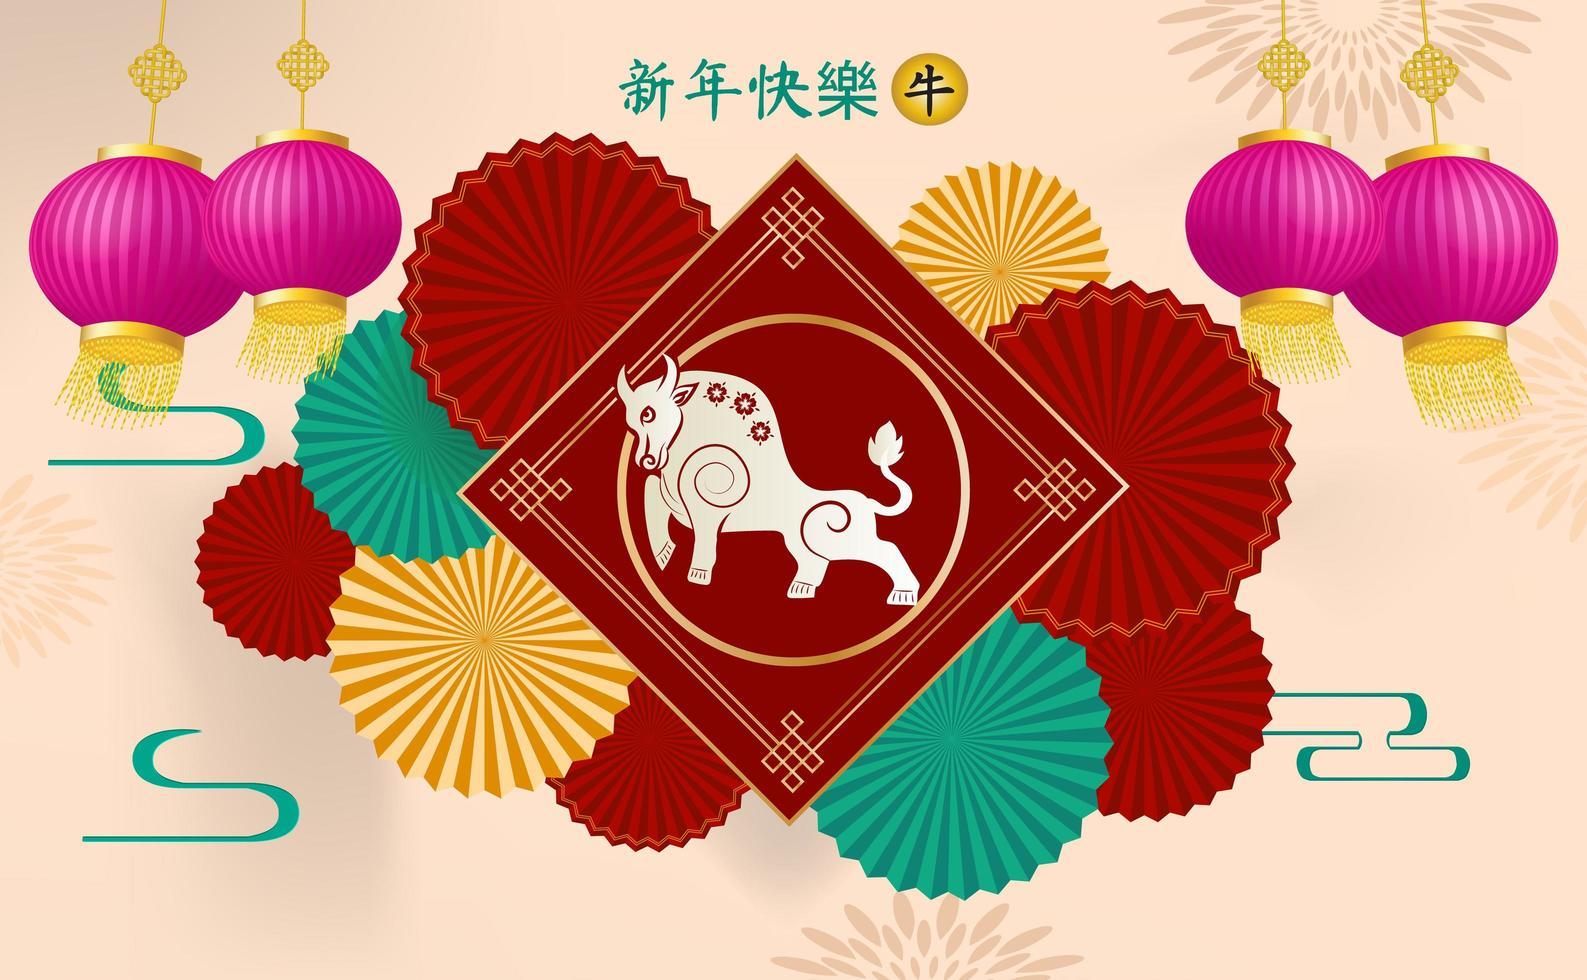 año nuevo chino 2021 buey y diseño de elementos asiáticos vector